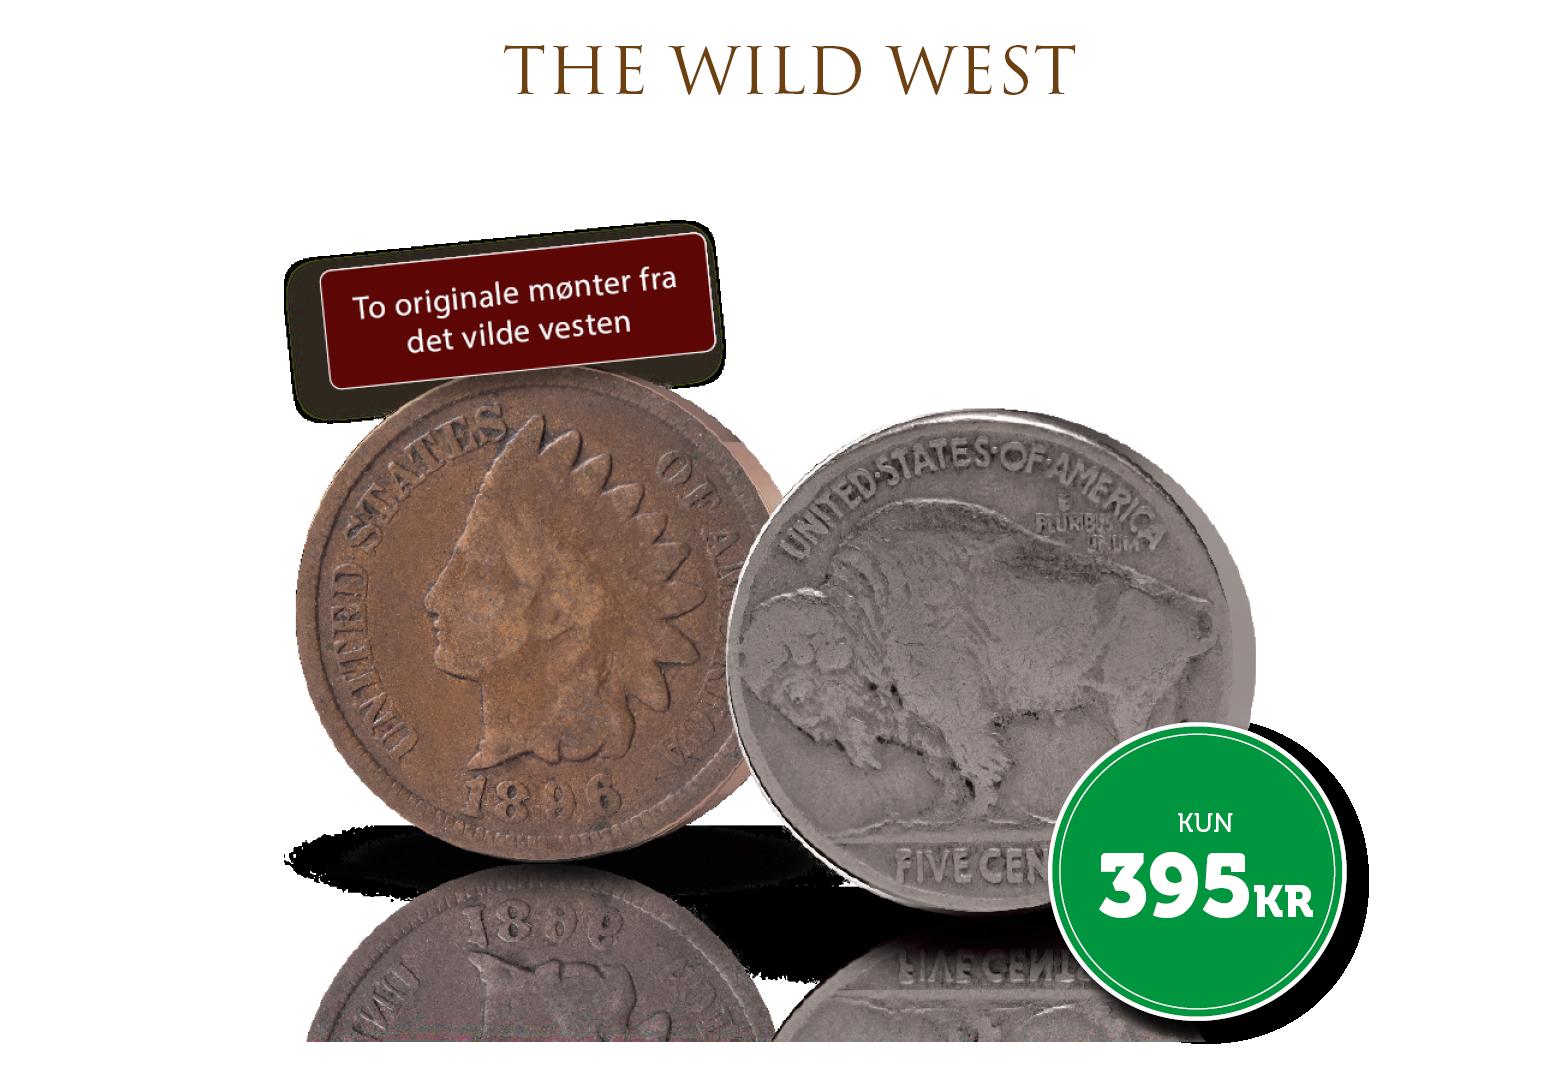 Wild west møntsæt: To originale mønter - Indian Head og Buffalo Nickel